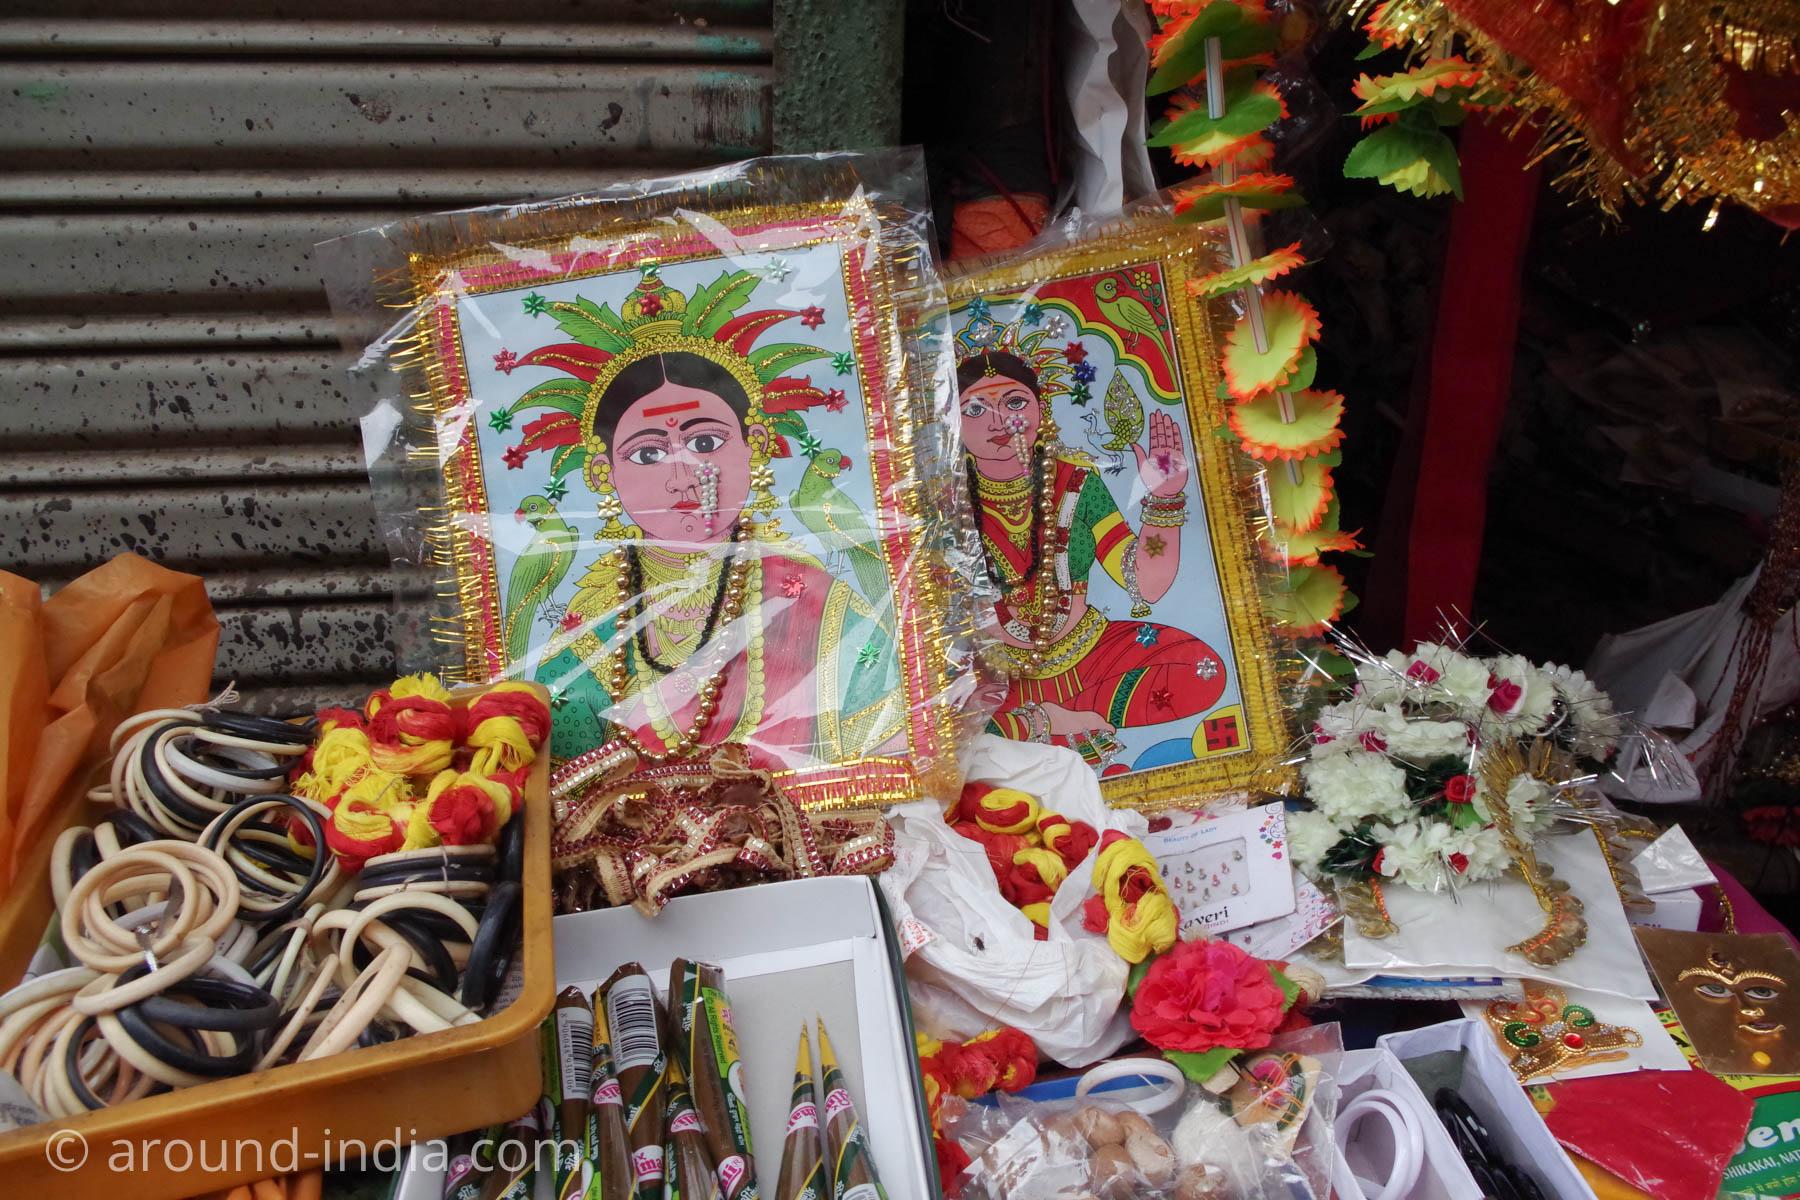 マハラシュトラ州のローカル神さま。ガネーシャの奥さんとのこと。